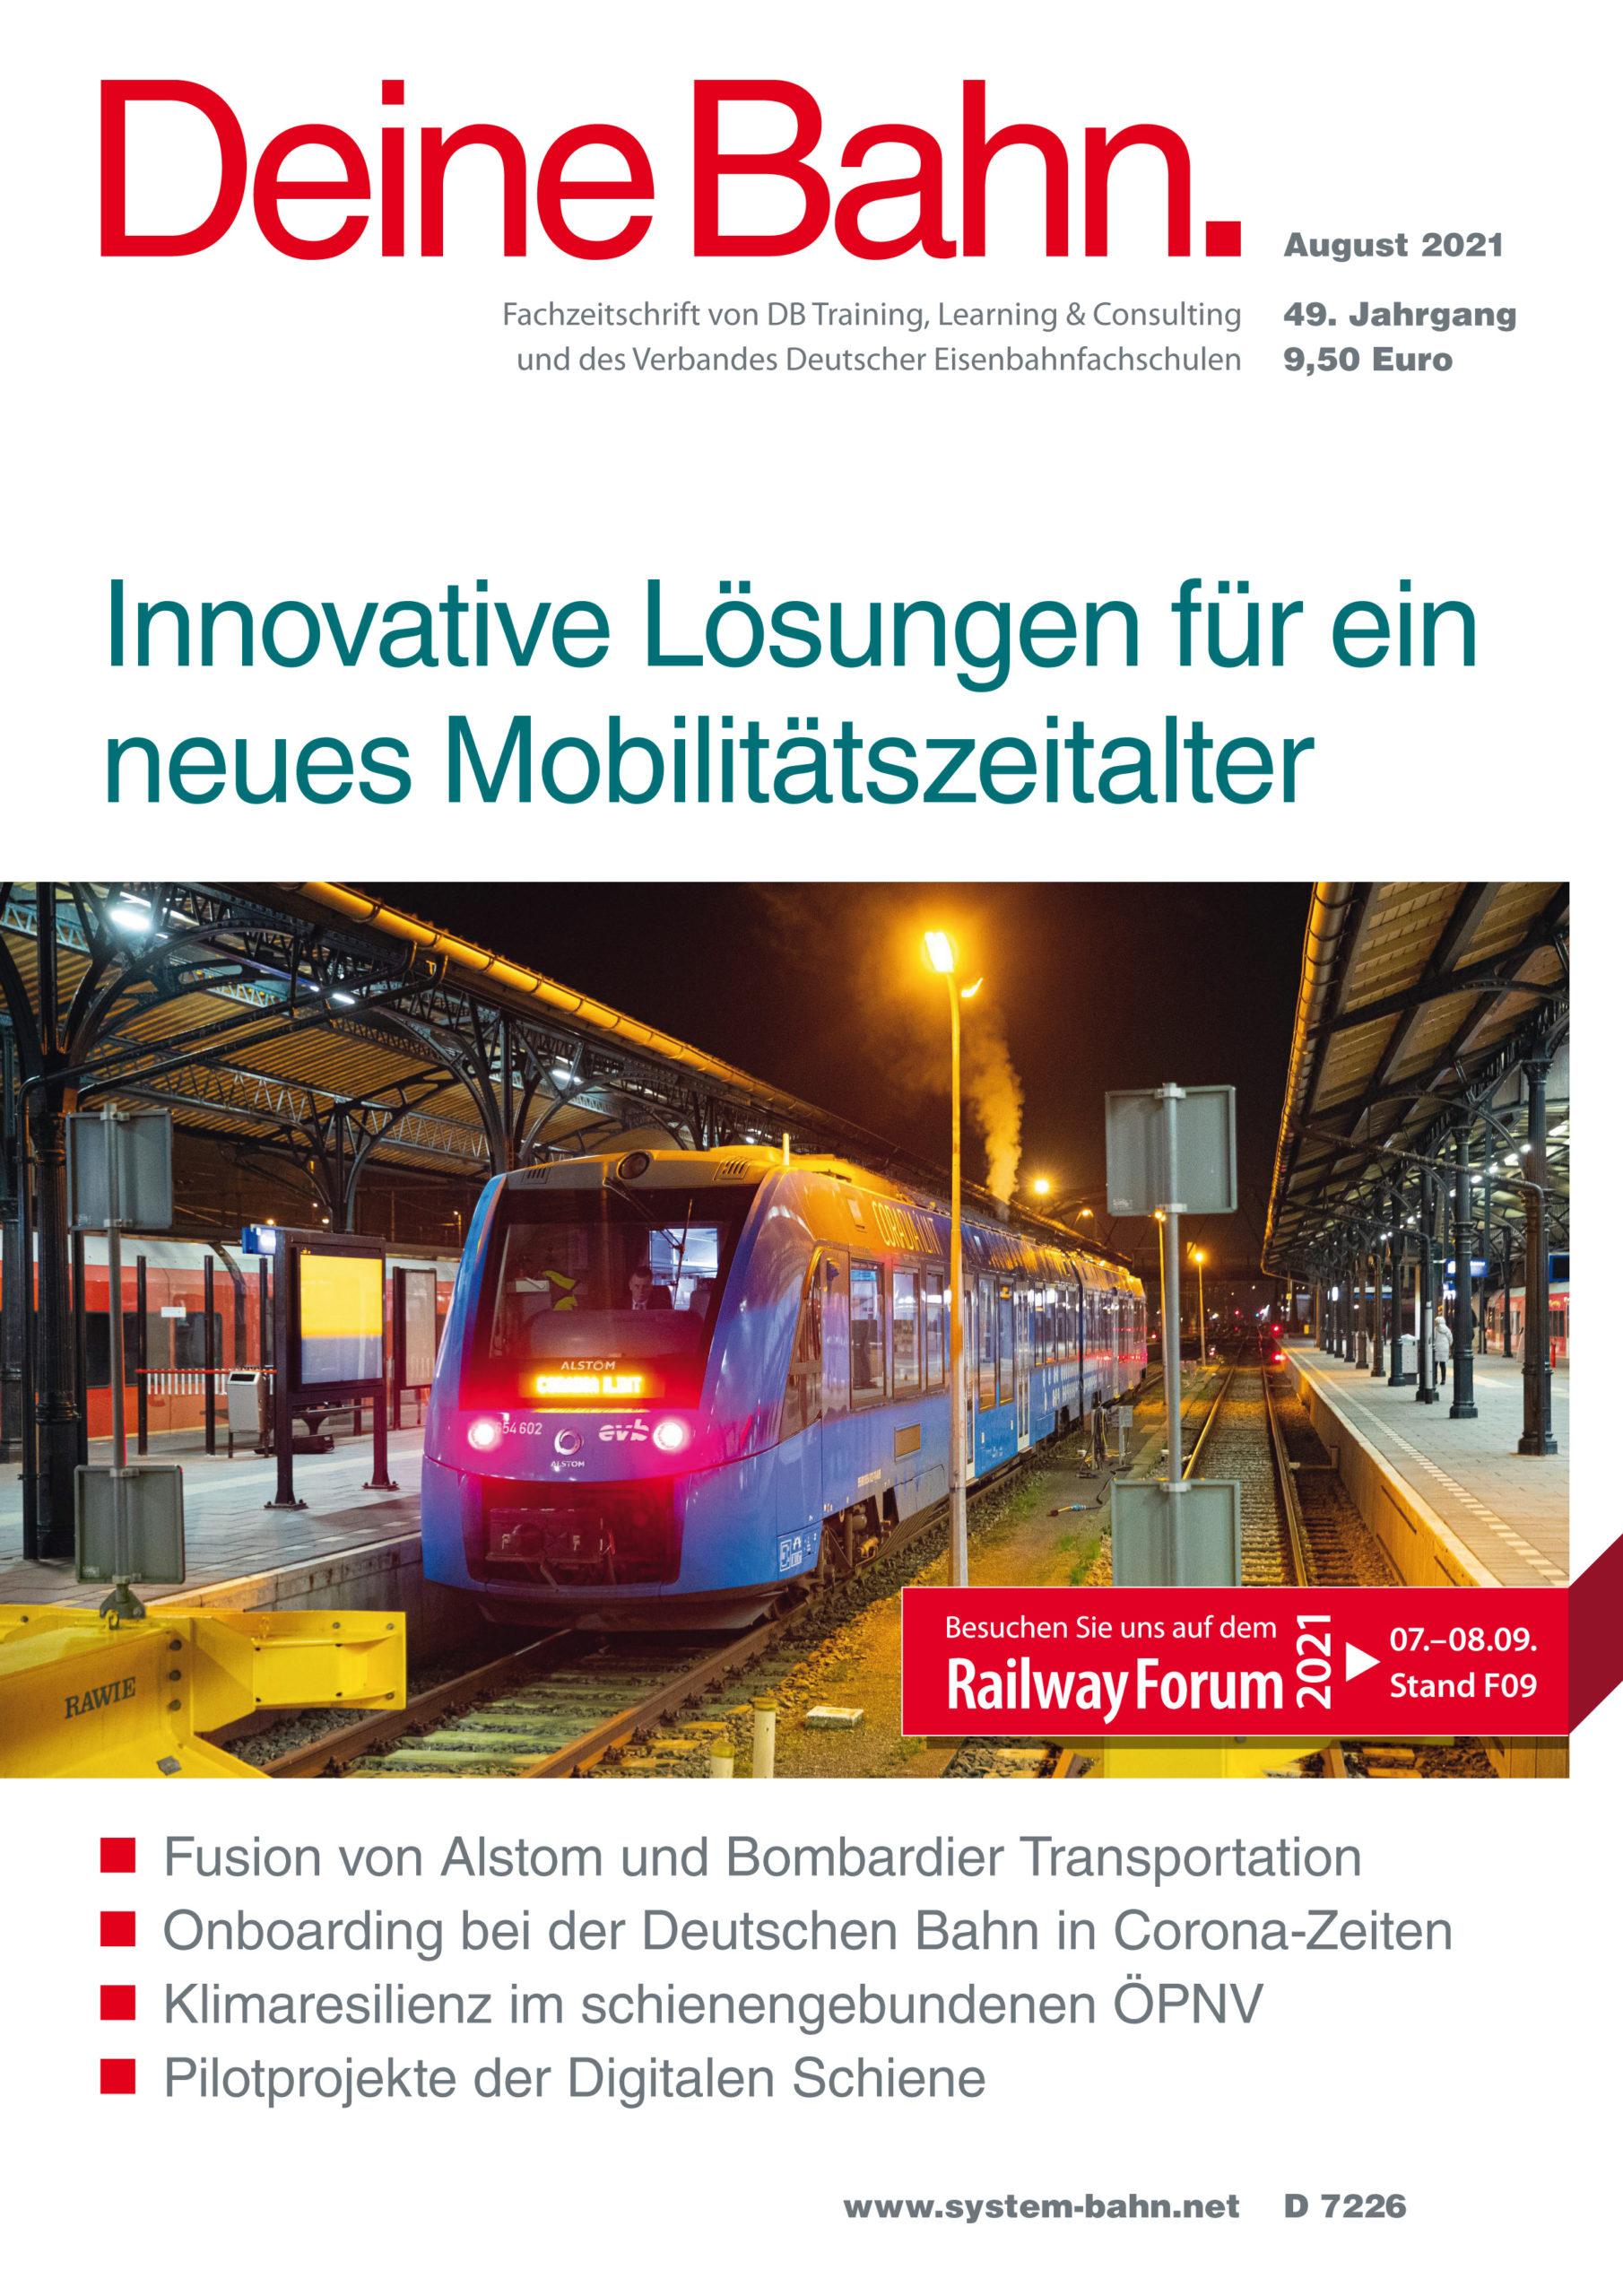 Umschlagmotiv Fachzeitschrift Deine Bahn August 2021